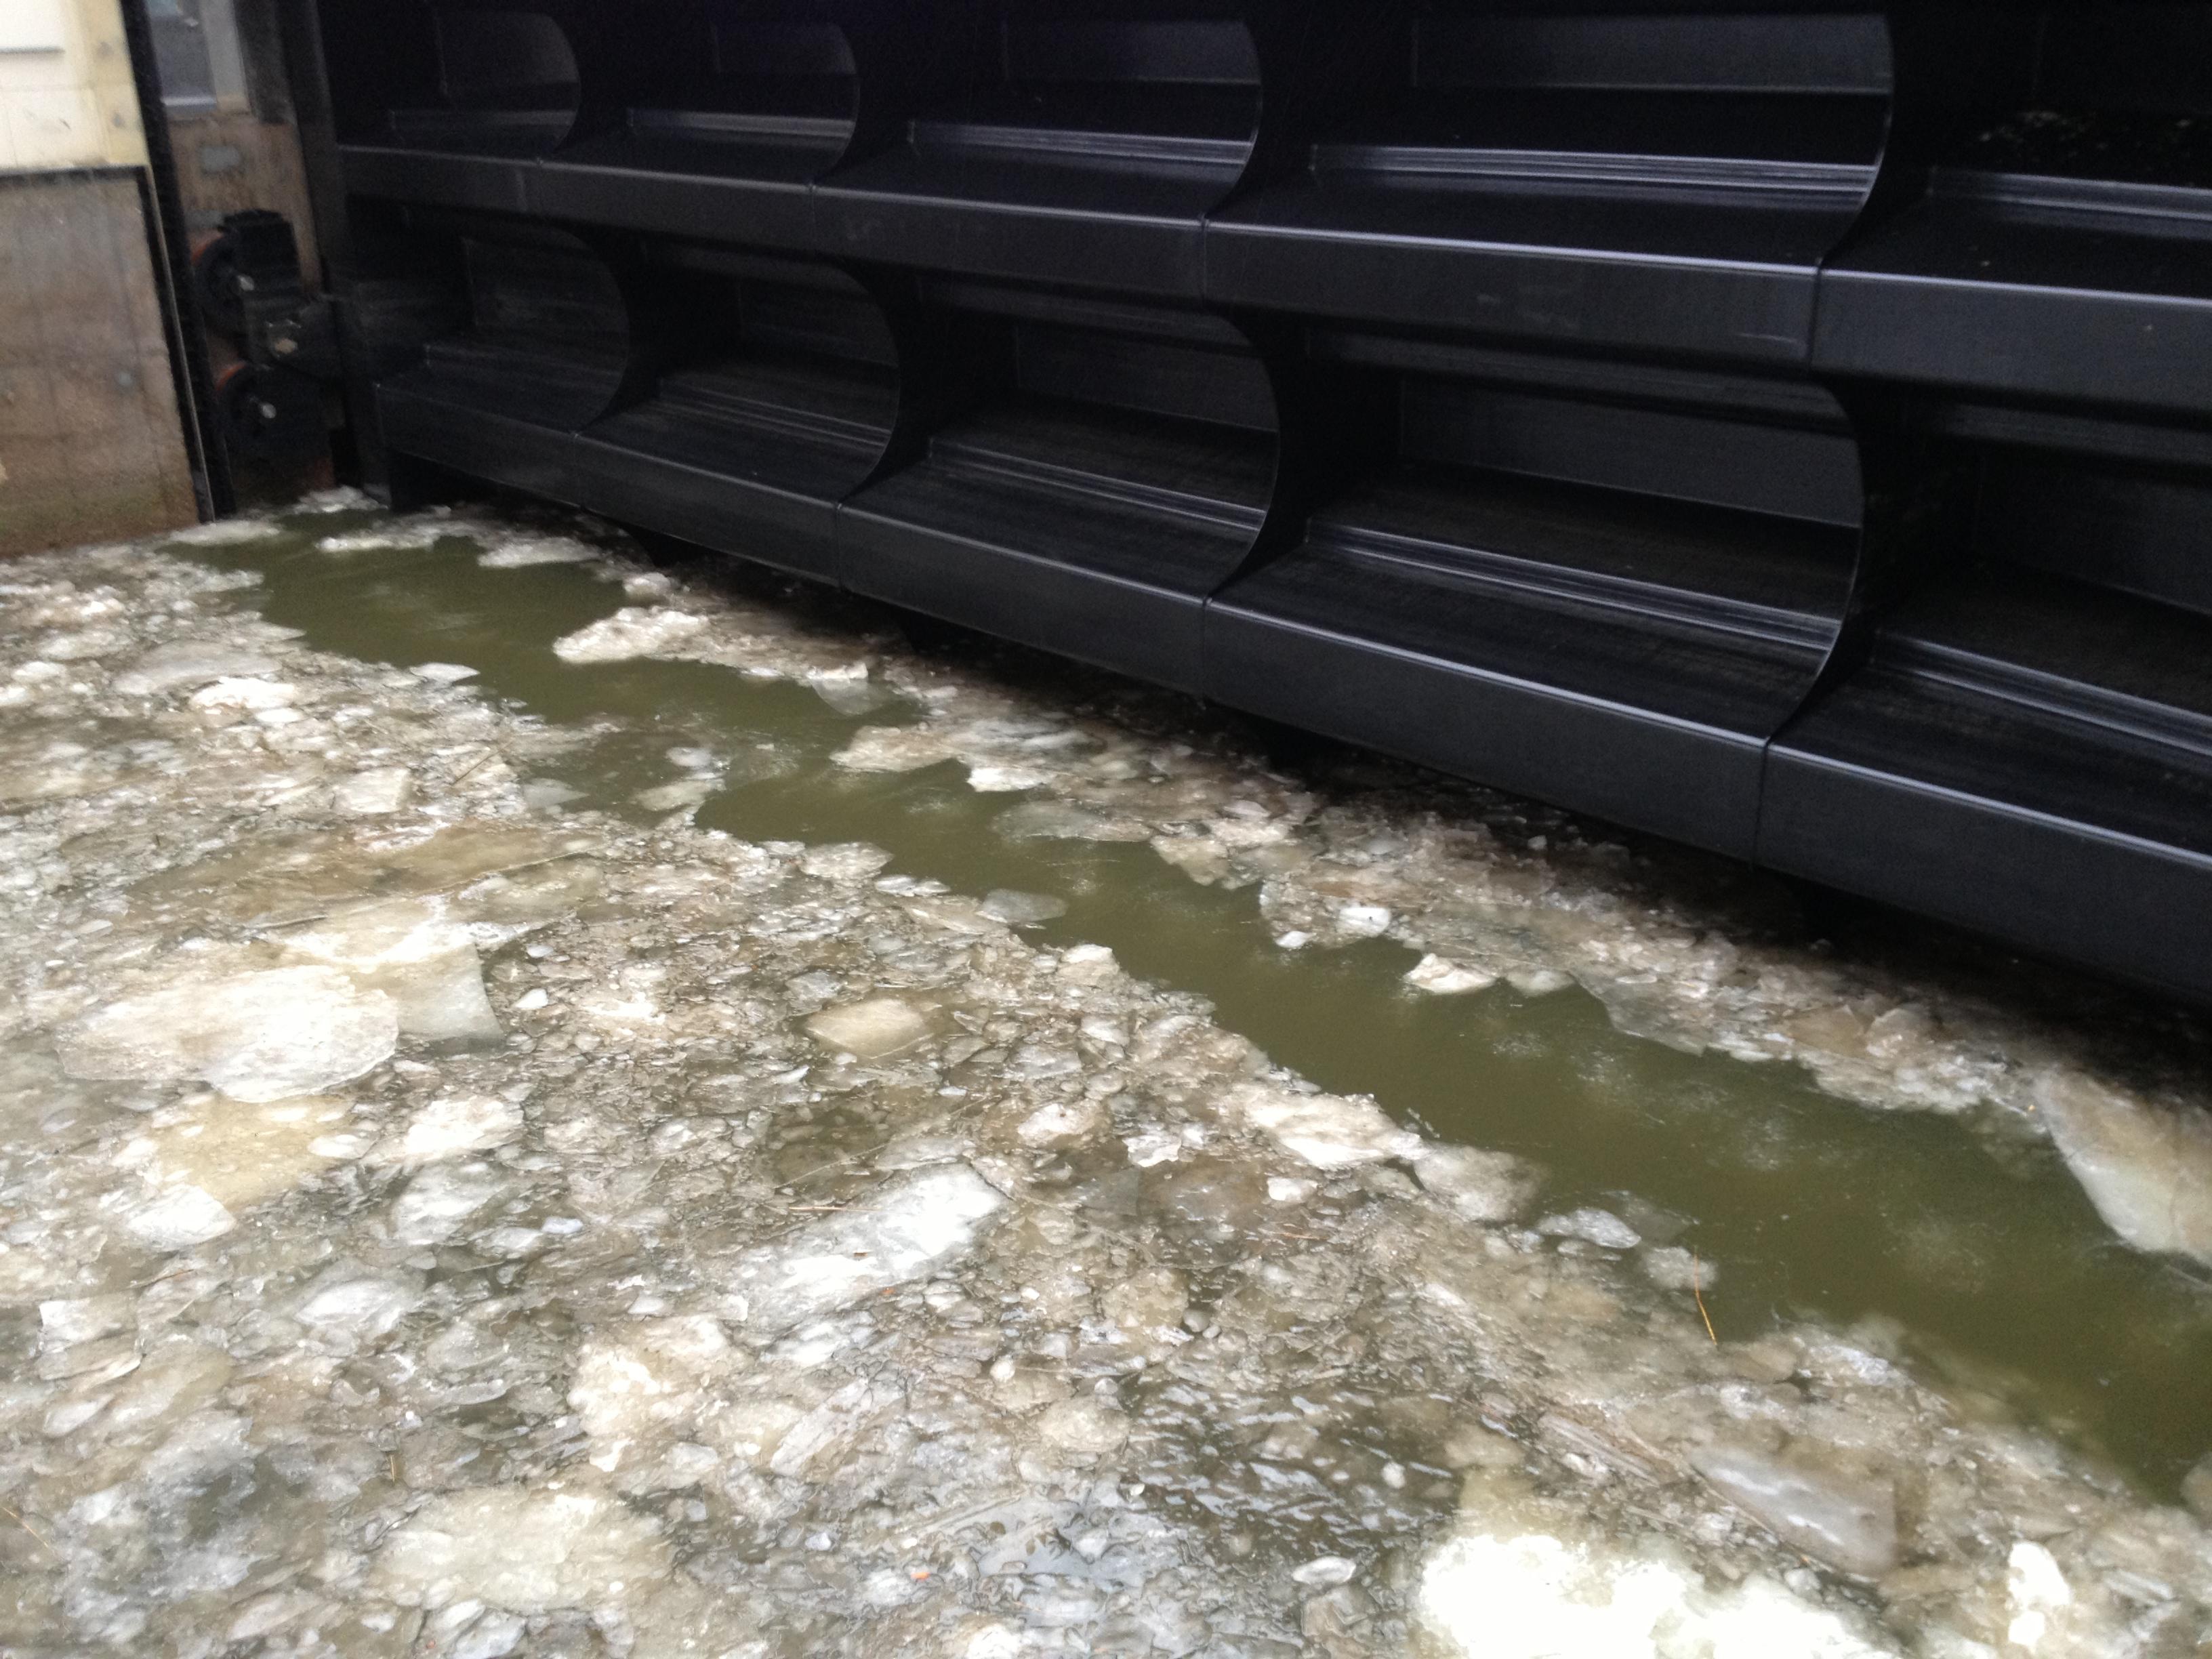 Eisfreihalteanlagen ermöglichen einen sicheren Schutz vor Eisschäden an Yachthäfen, Fähranlegern, Fahrrinnen, Schleusen